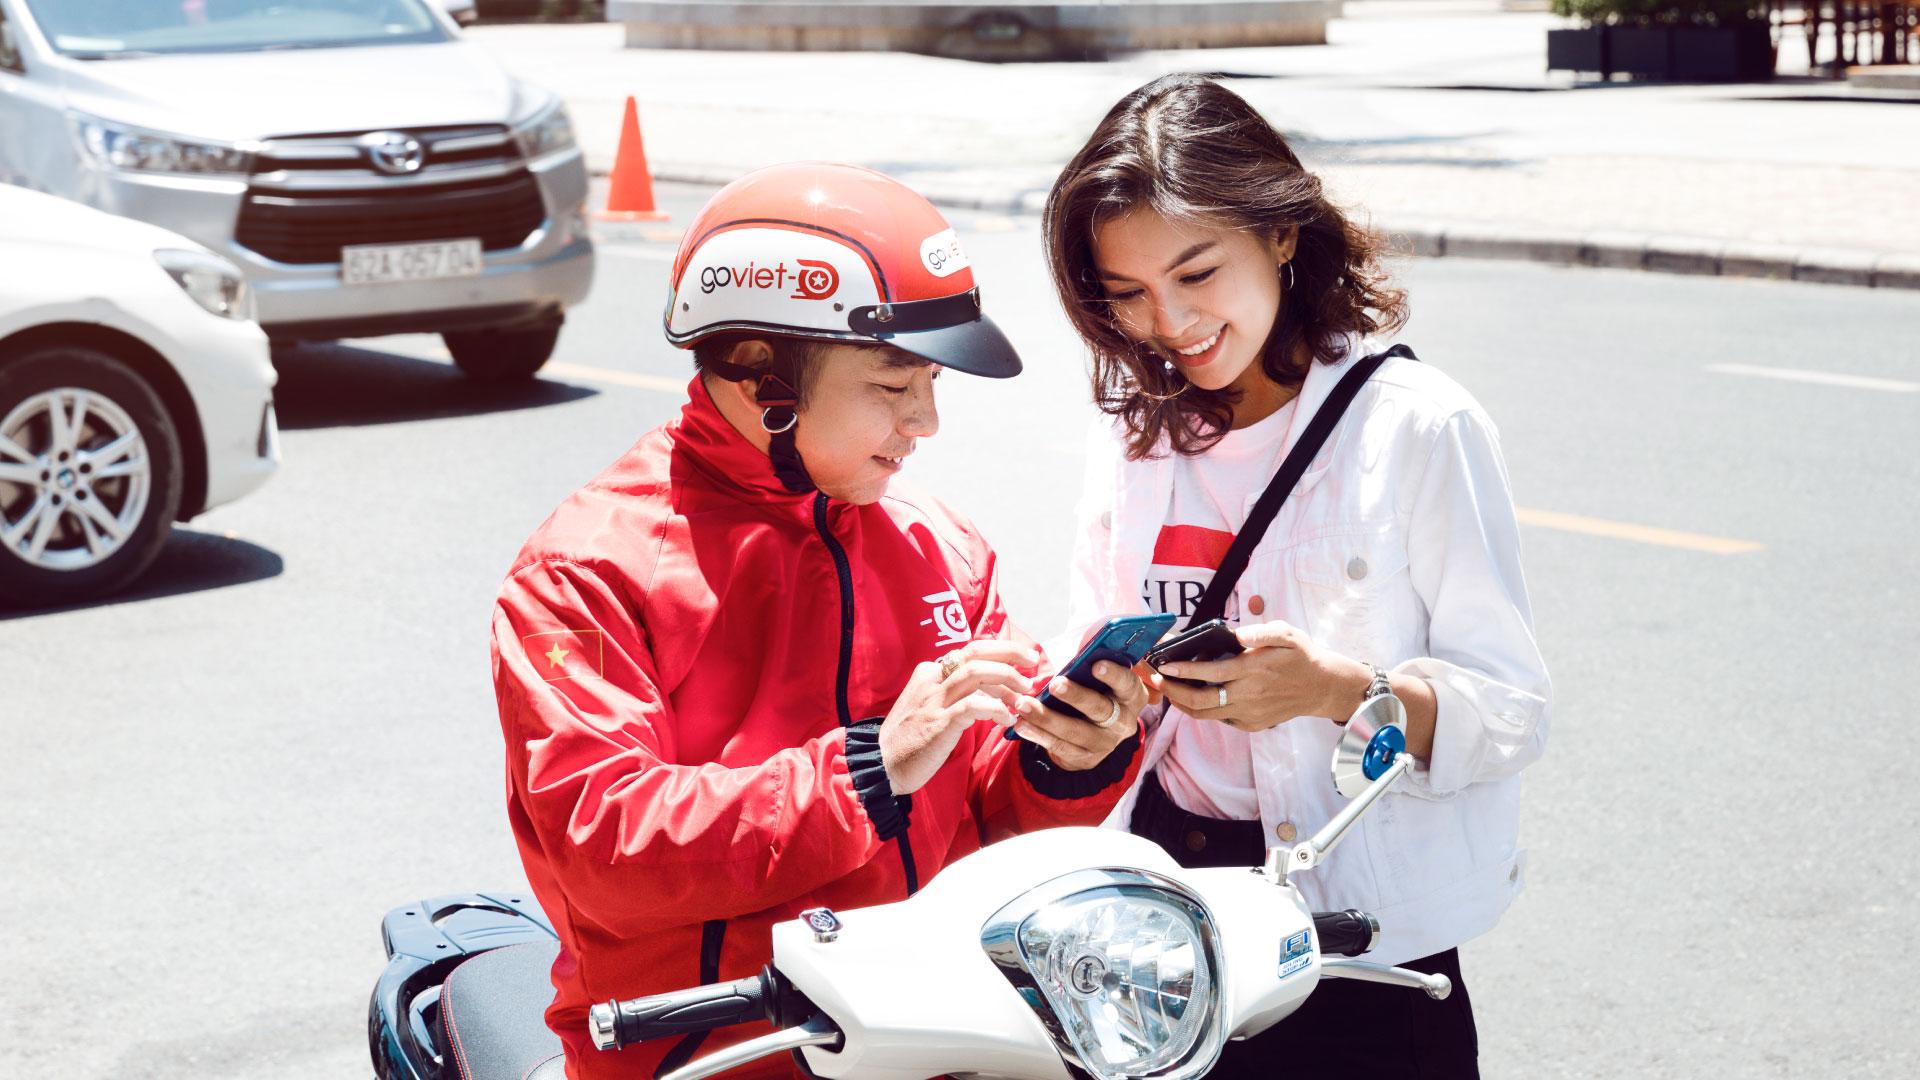 Sau 'siết thưởng' , Go-Viet tiếp tục giảm đảm bảo thu nhập các cuốc xe Go-Food